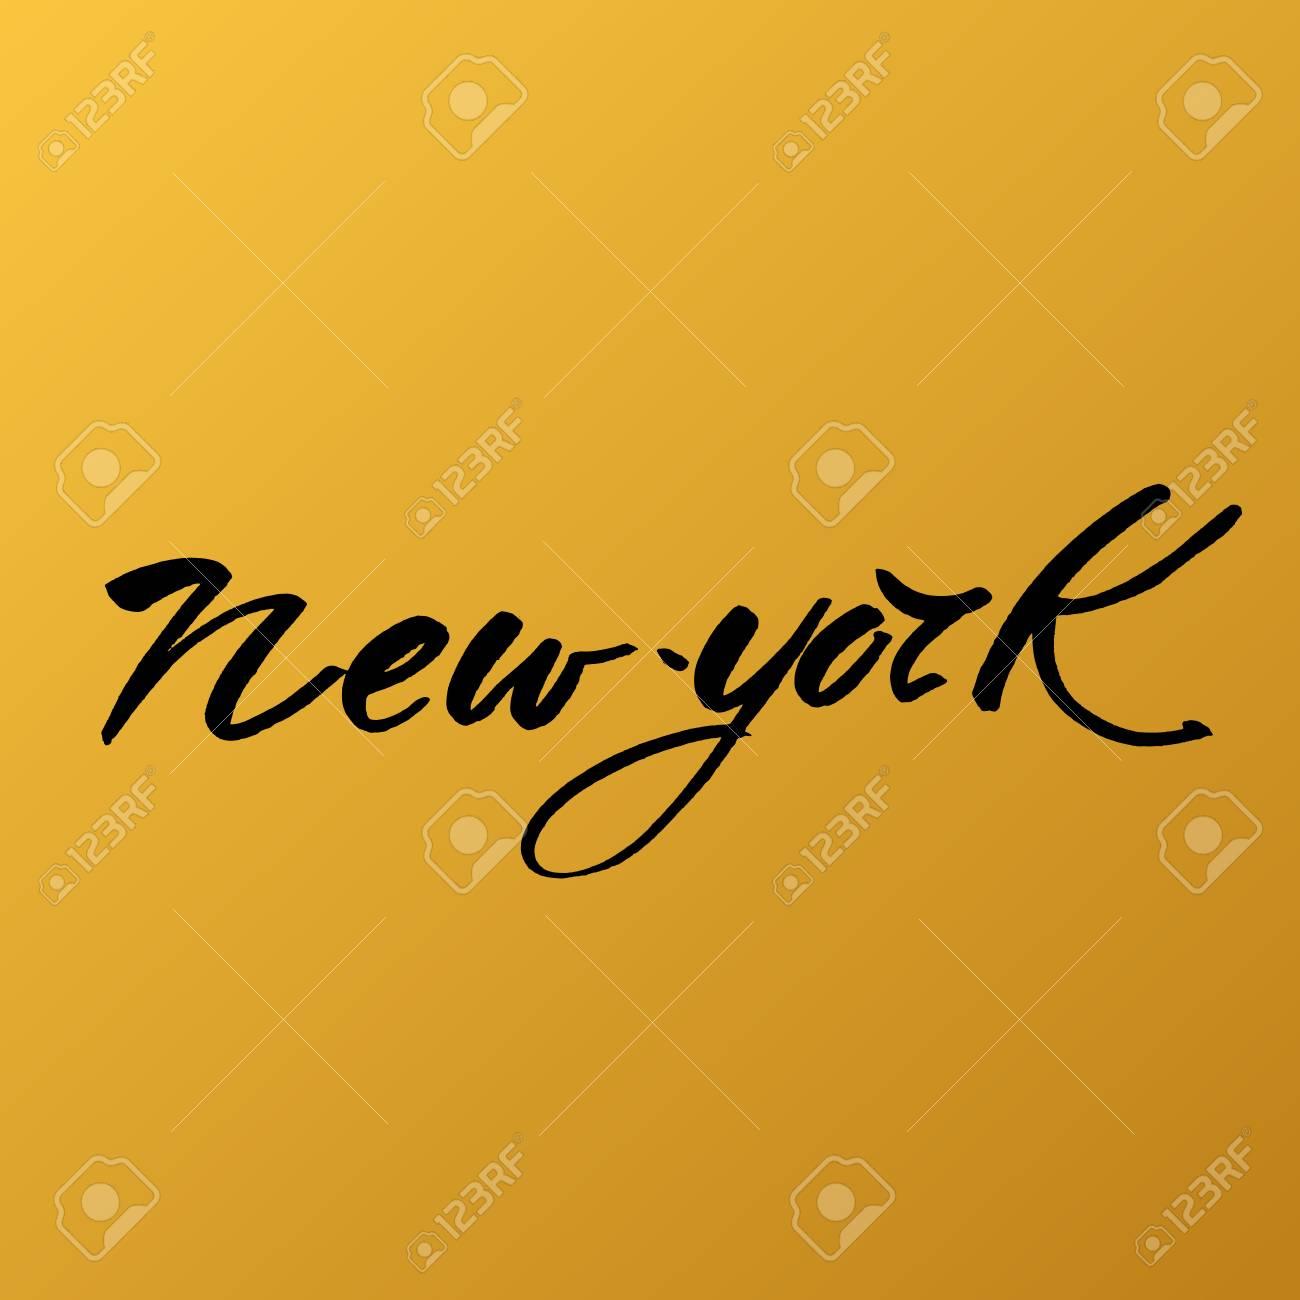 Großzügig Wird Vorlage New York Bilder - Beispiel Wiederaufnahme ...